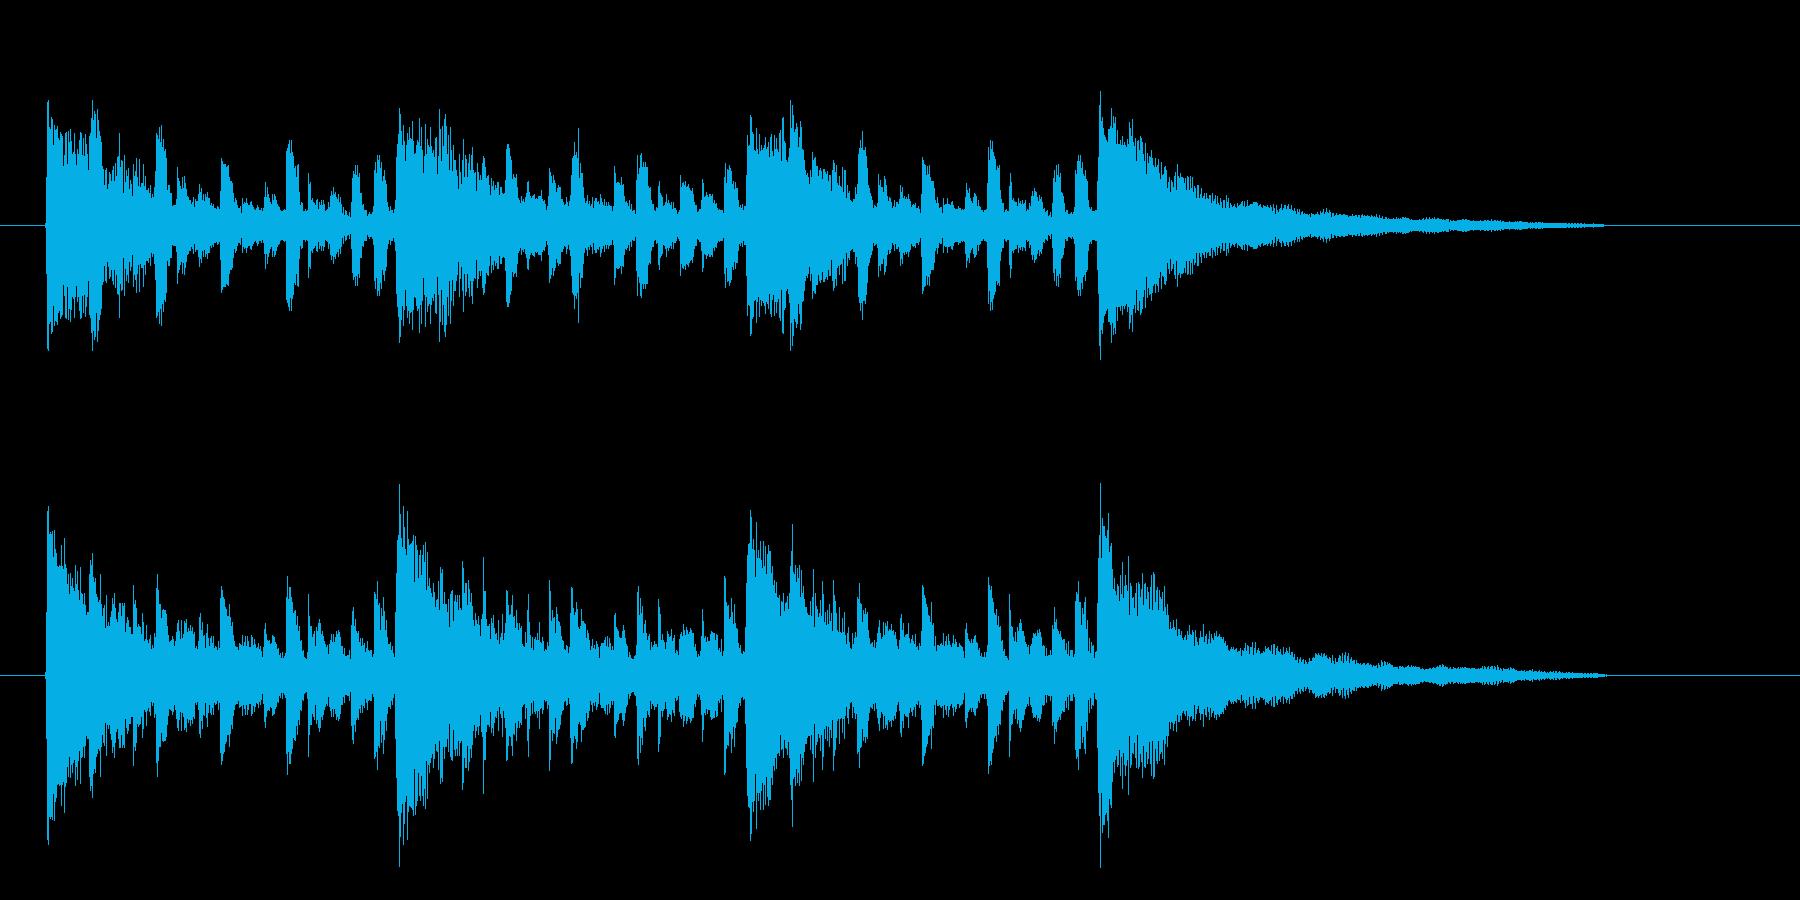 和やかで爽快感のある音楽の再生済みの波形